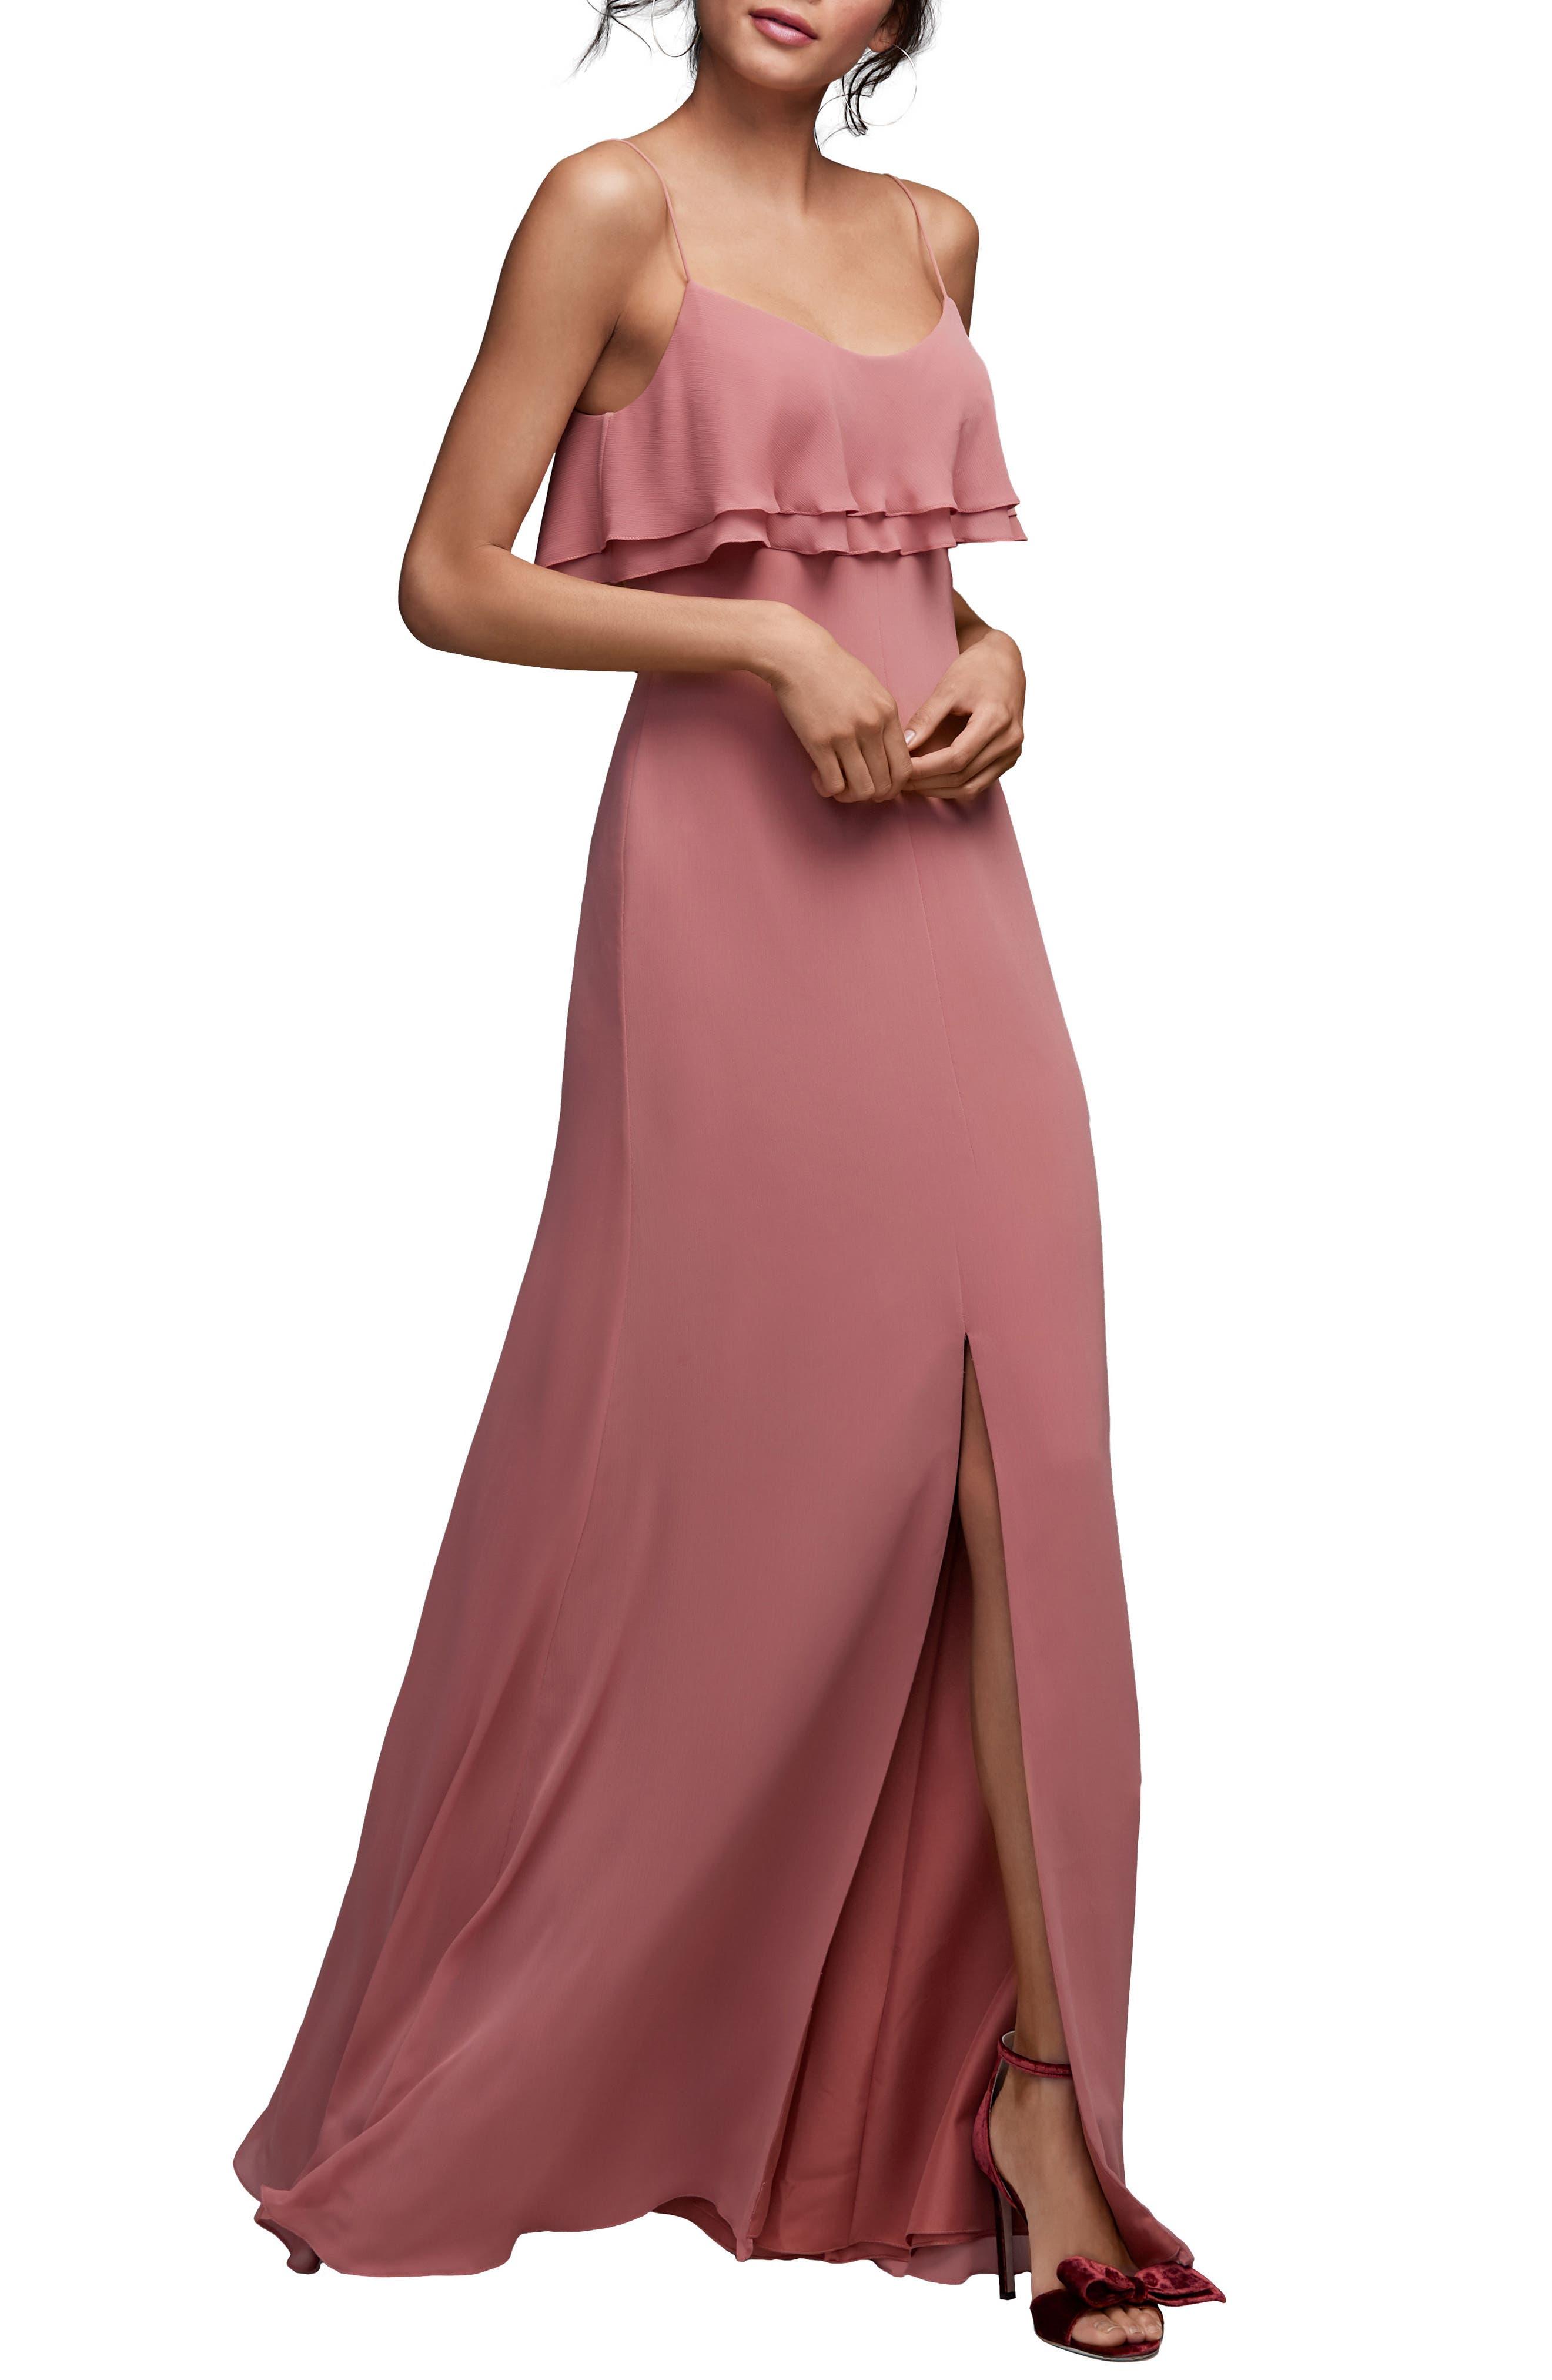 Jasper Ruffle Popover Gown,                         Main,                         color, 650